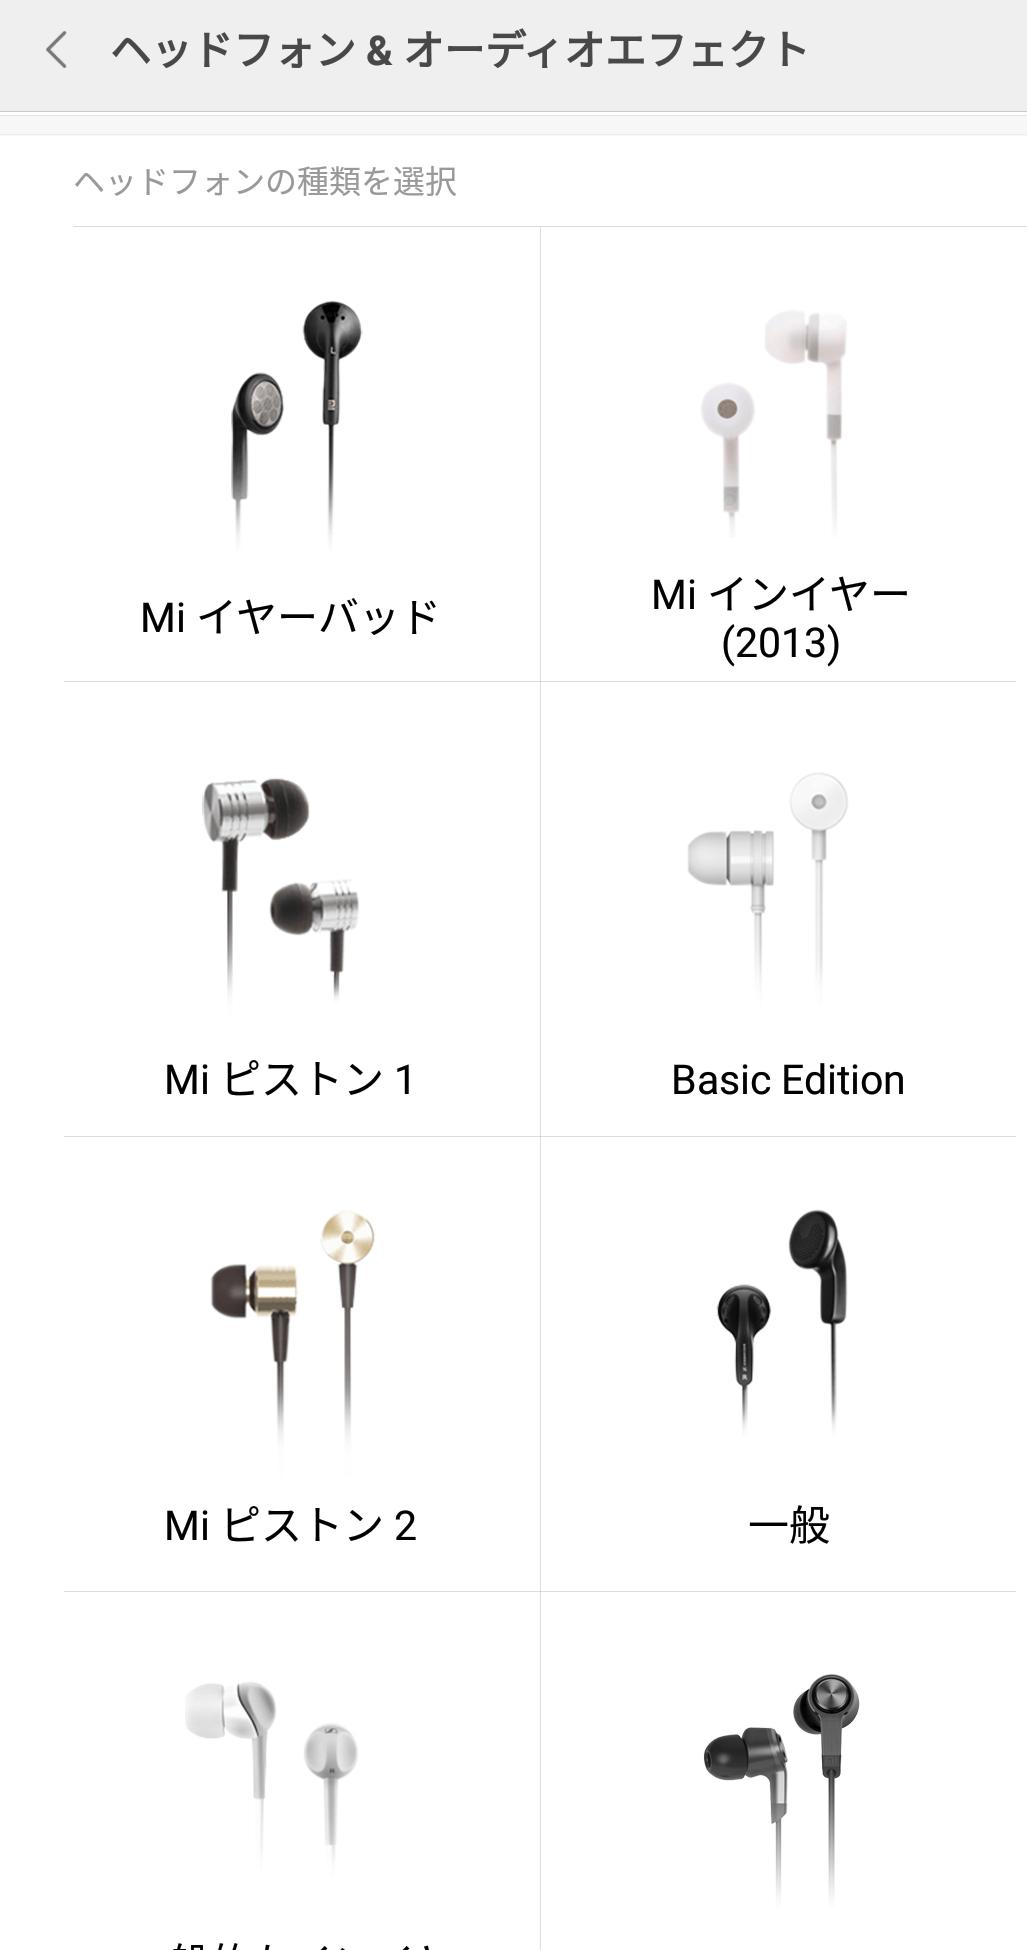 Redmi5Plusは自分の使っているイヤフォンやヘッドフォンに合わせてベストな音を提供してくれます!